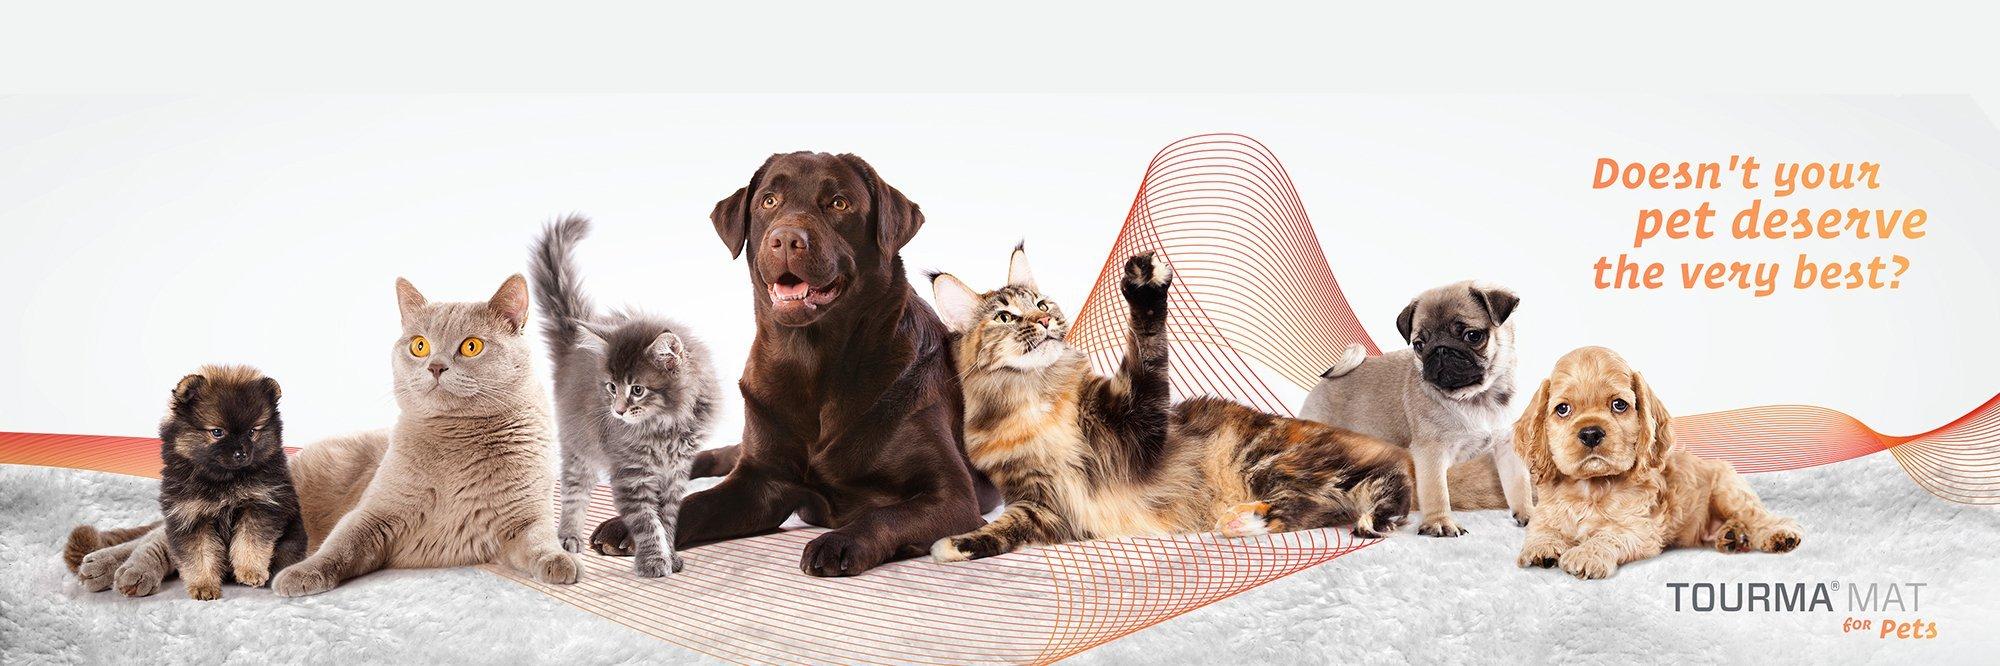 Tourma Mat for Pets banner